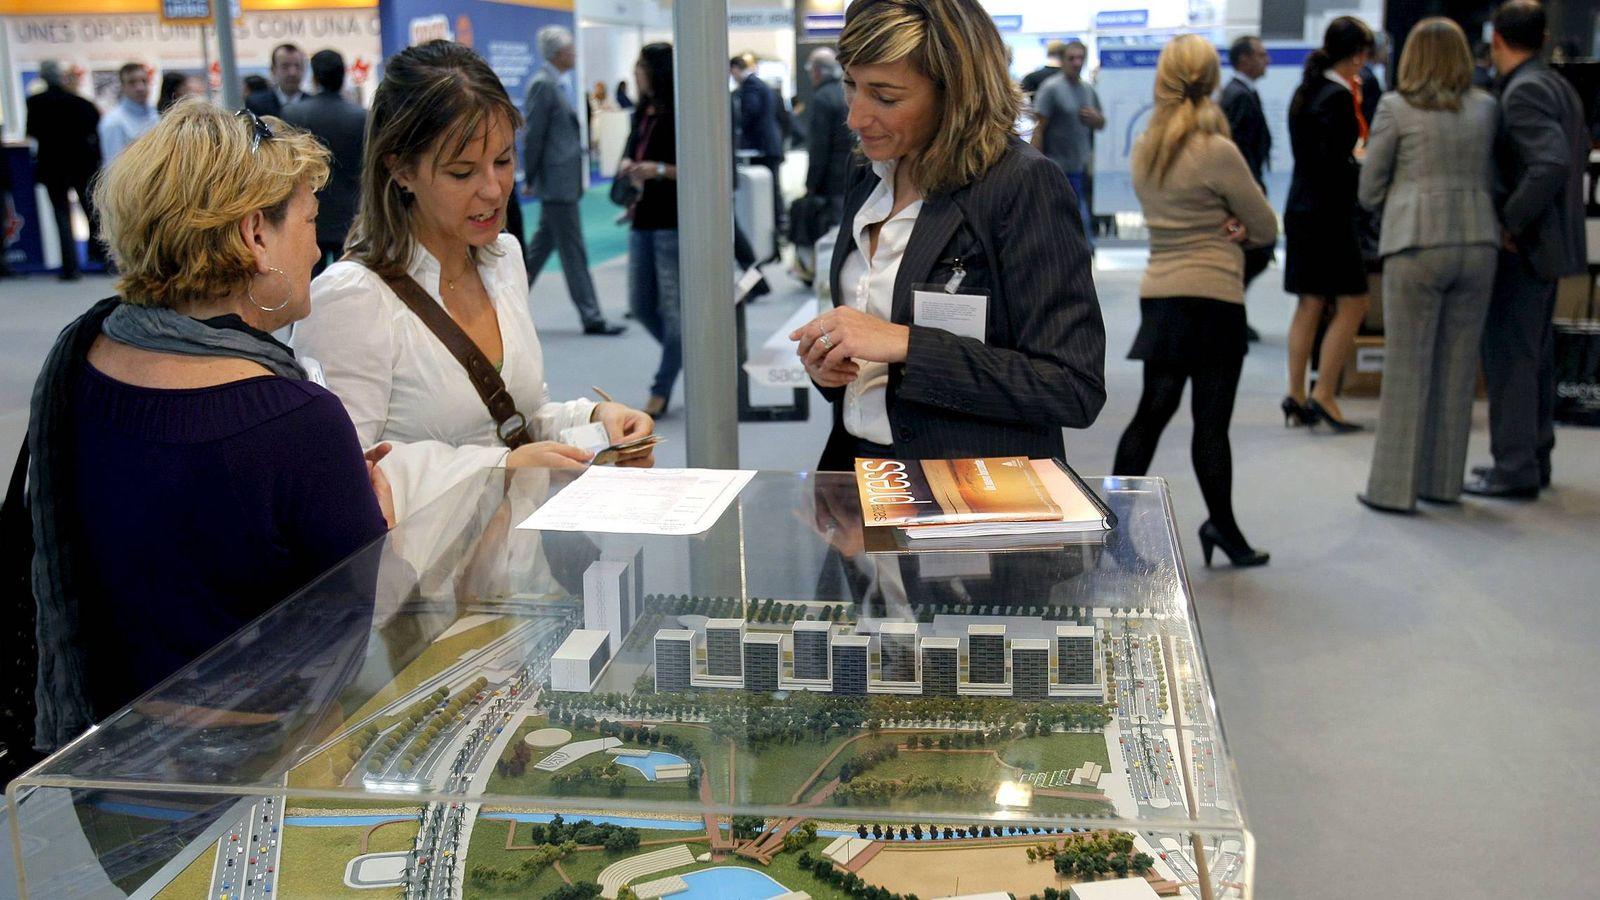 Foto: Varias personas observan la maqueta de una urbanización en un salón inmobiliario (España). (EFE)